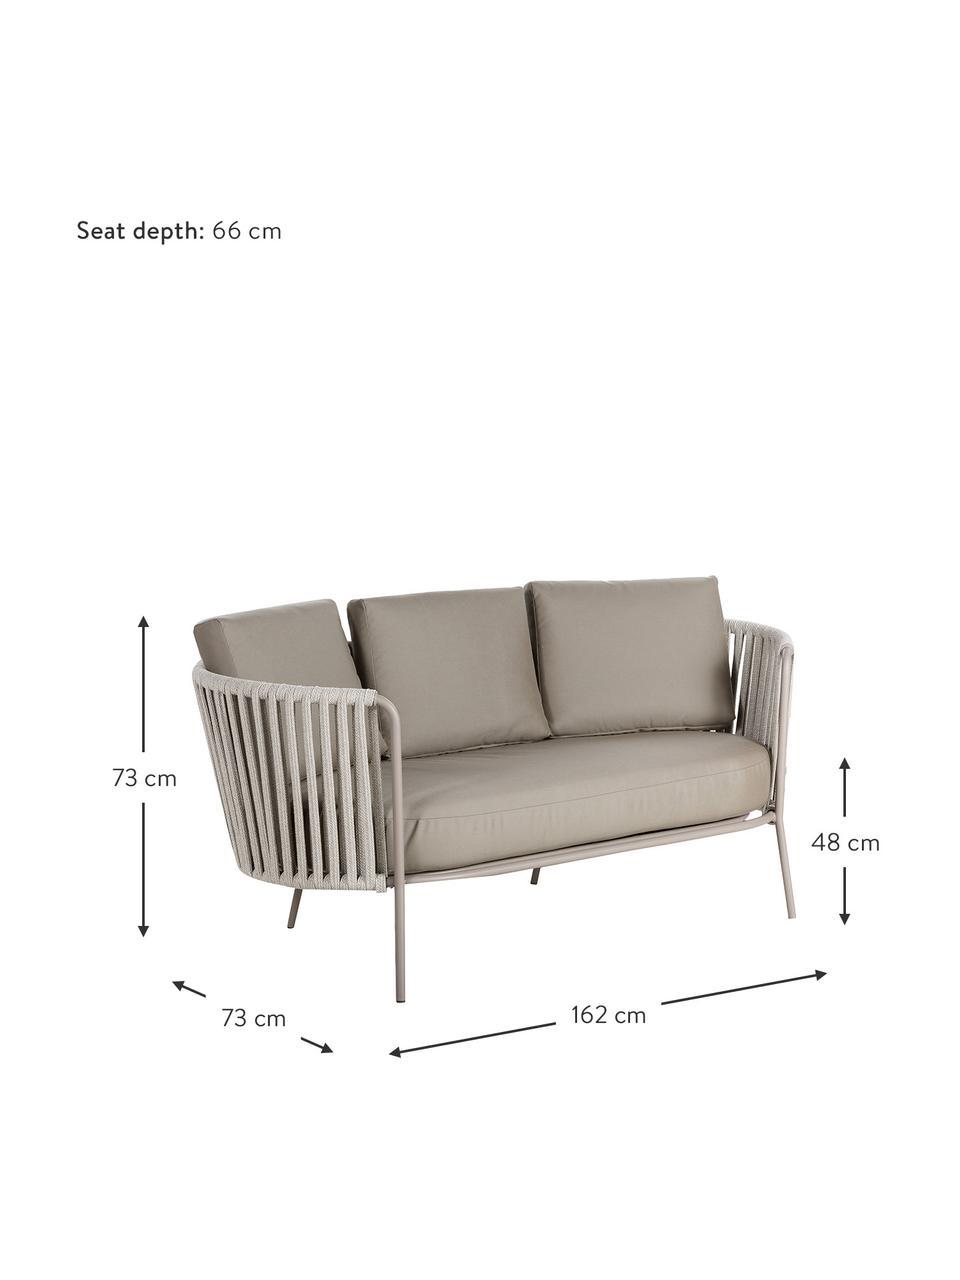 Gartensofa Sunderland mit Sitzpolster (2-Sitzer), Beine: Stahl, galvanisch verzink, Bezug: Polyacryl, Taupe, Helltaupe, B 162 x T 73 cm